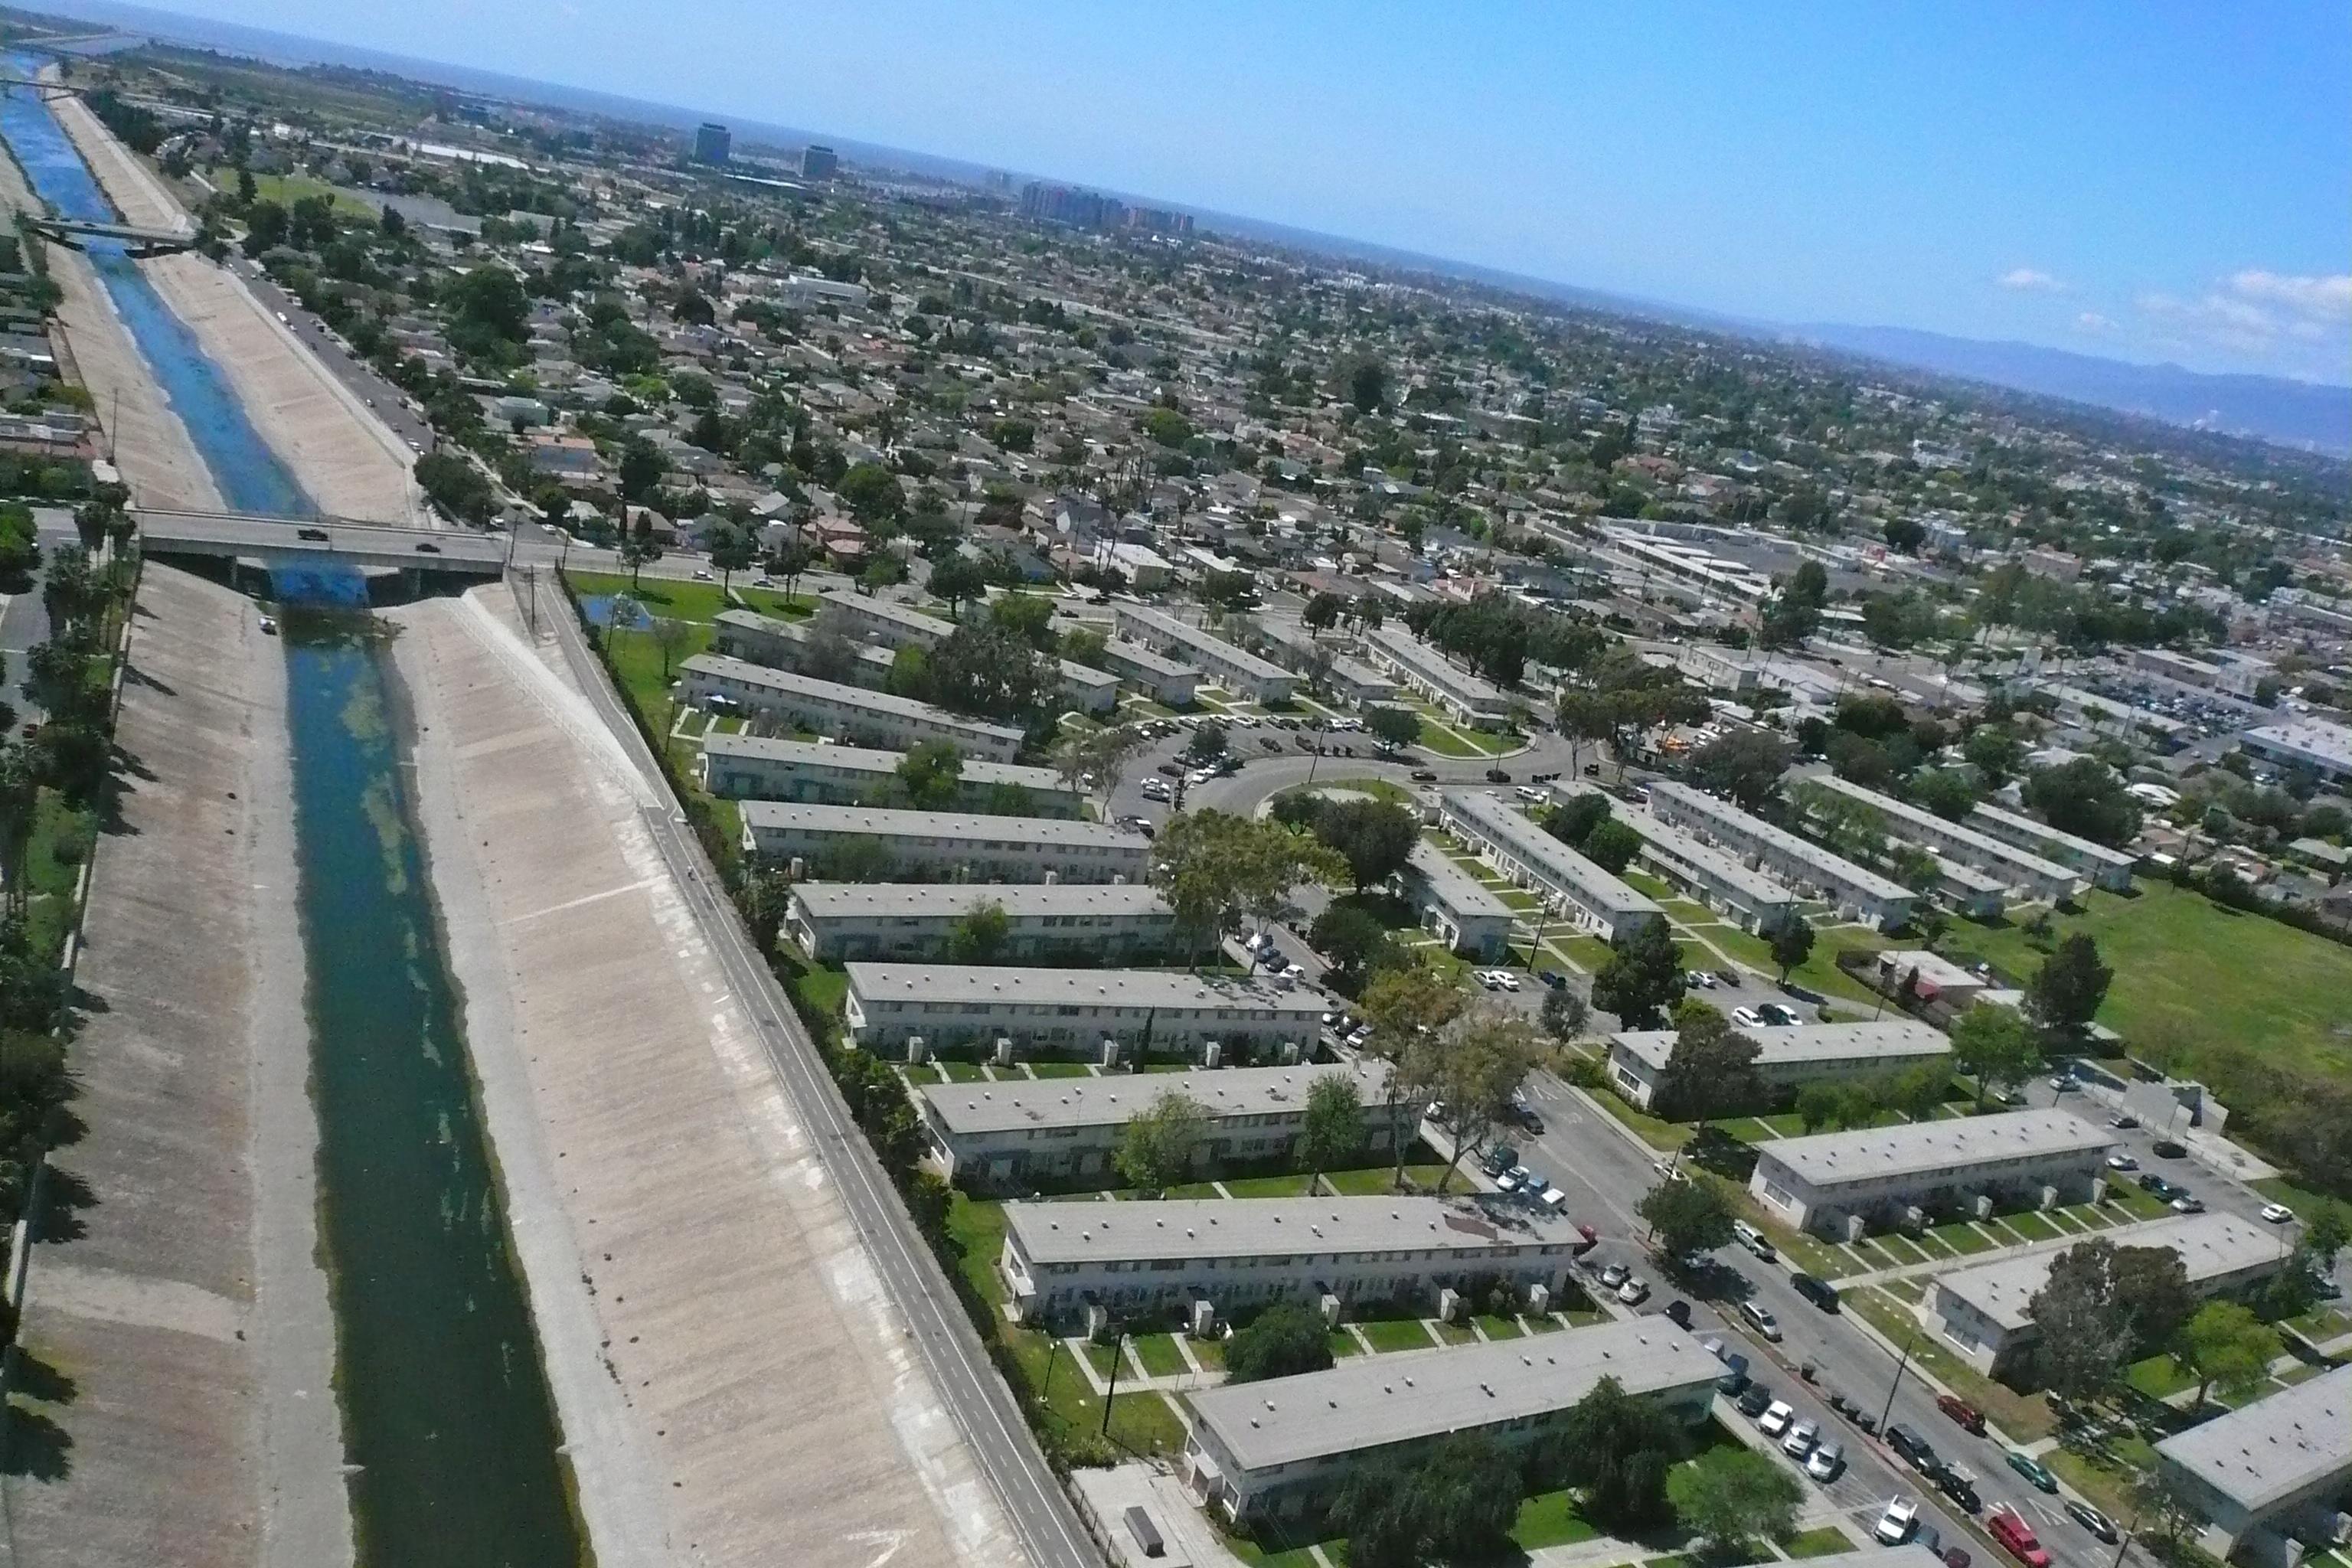 Mar Vista Gardens Housing Project